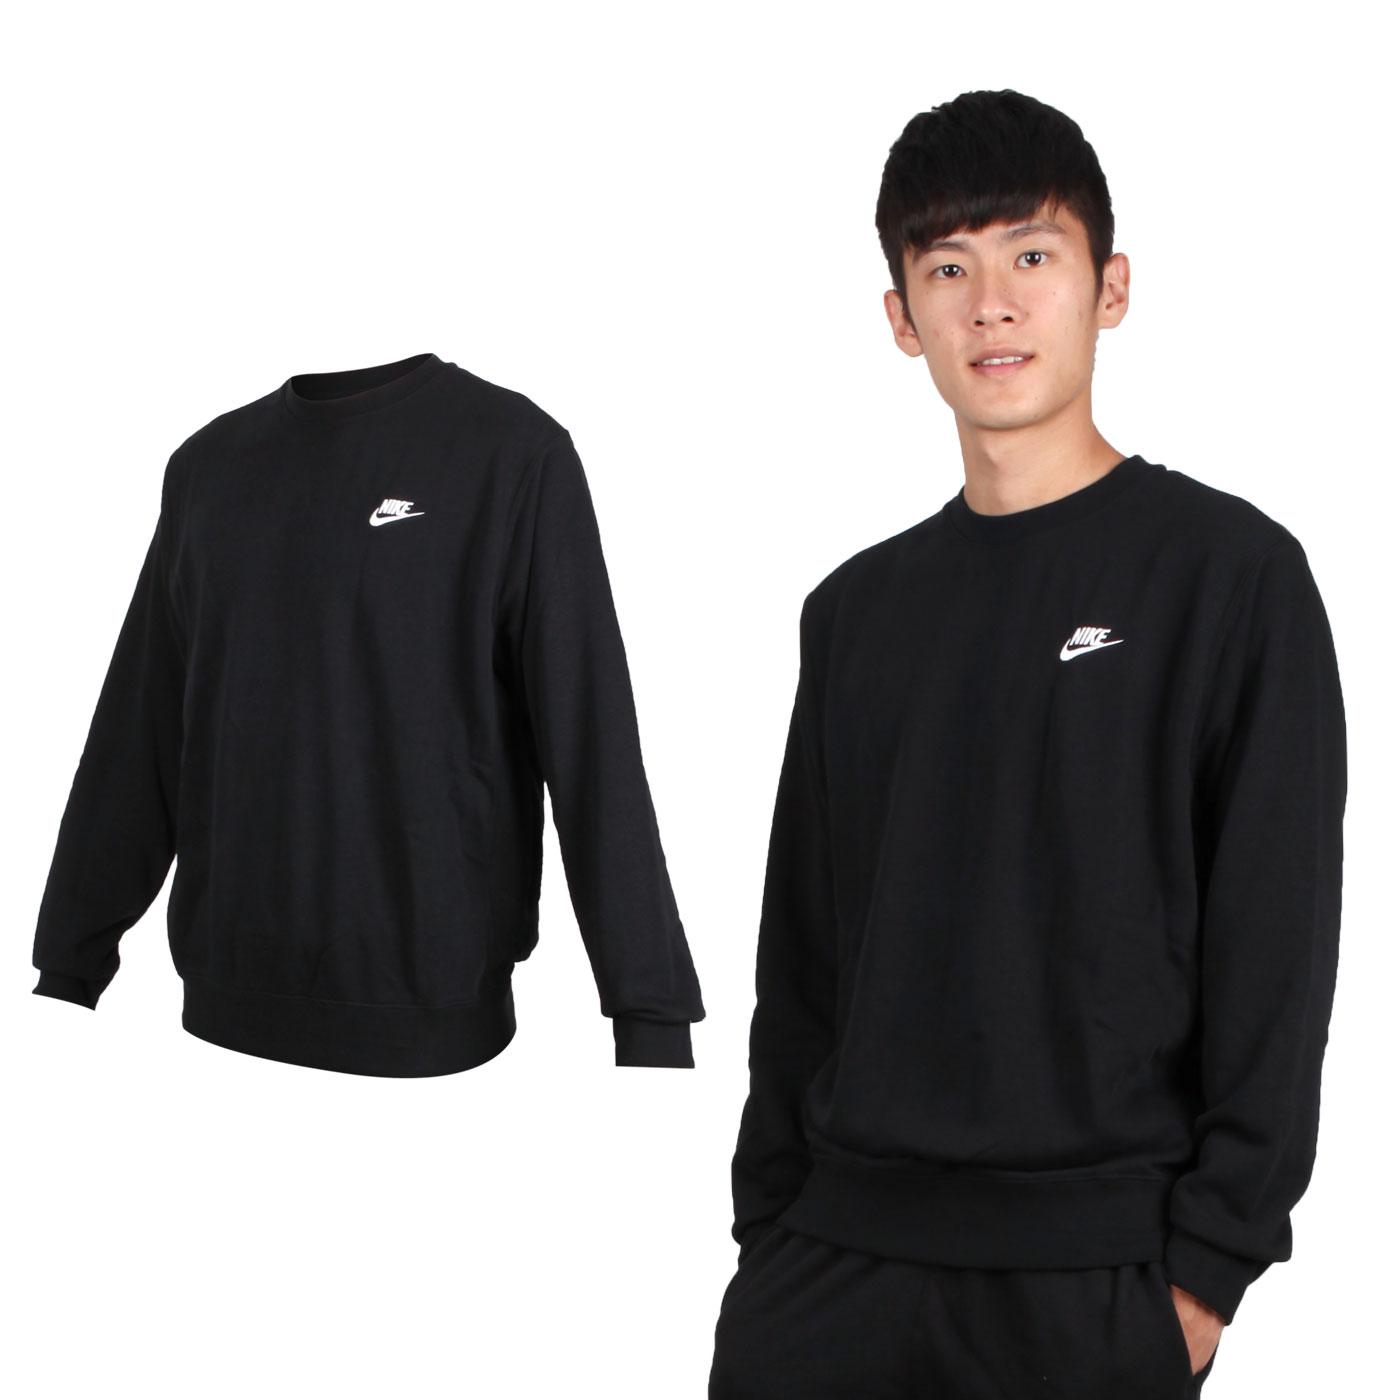 NIKE 男款長袖圓領T恤 BV2667-010 - 黑白